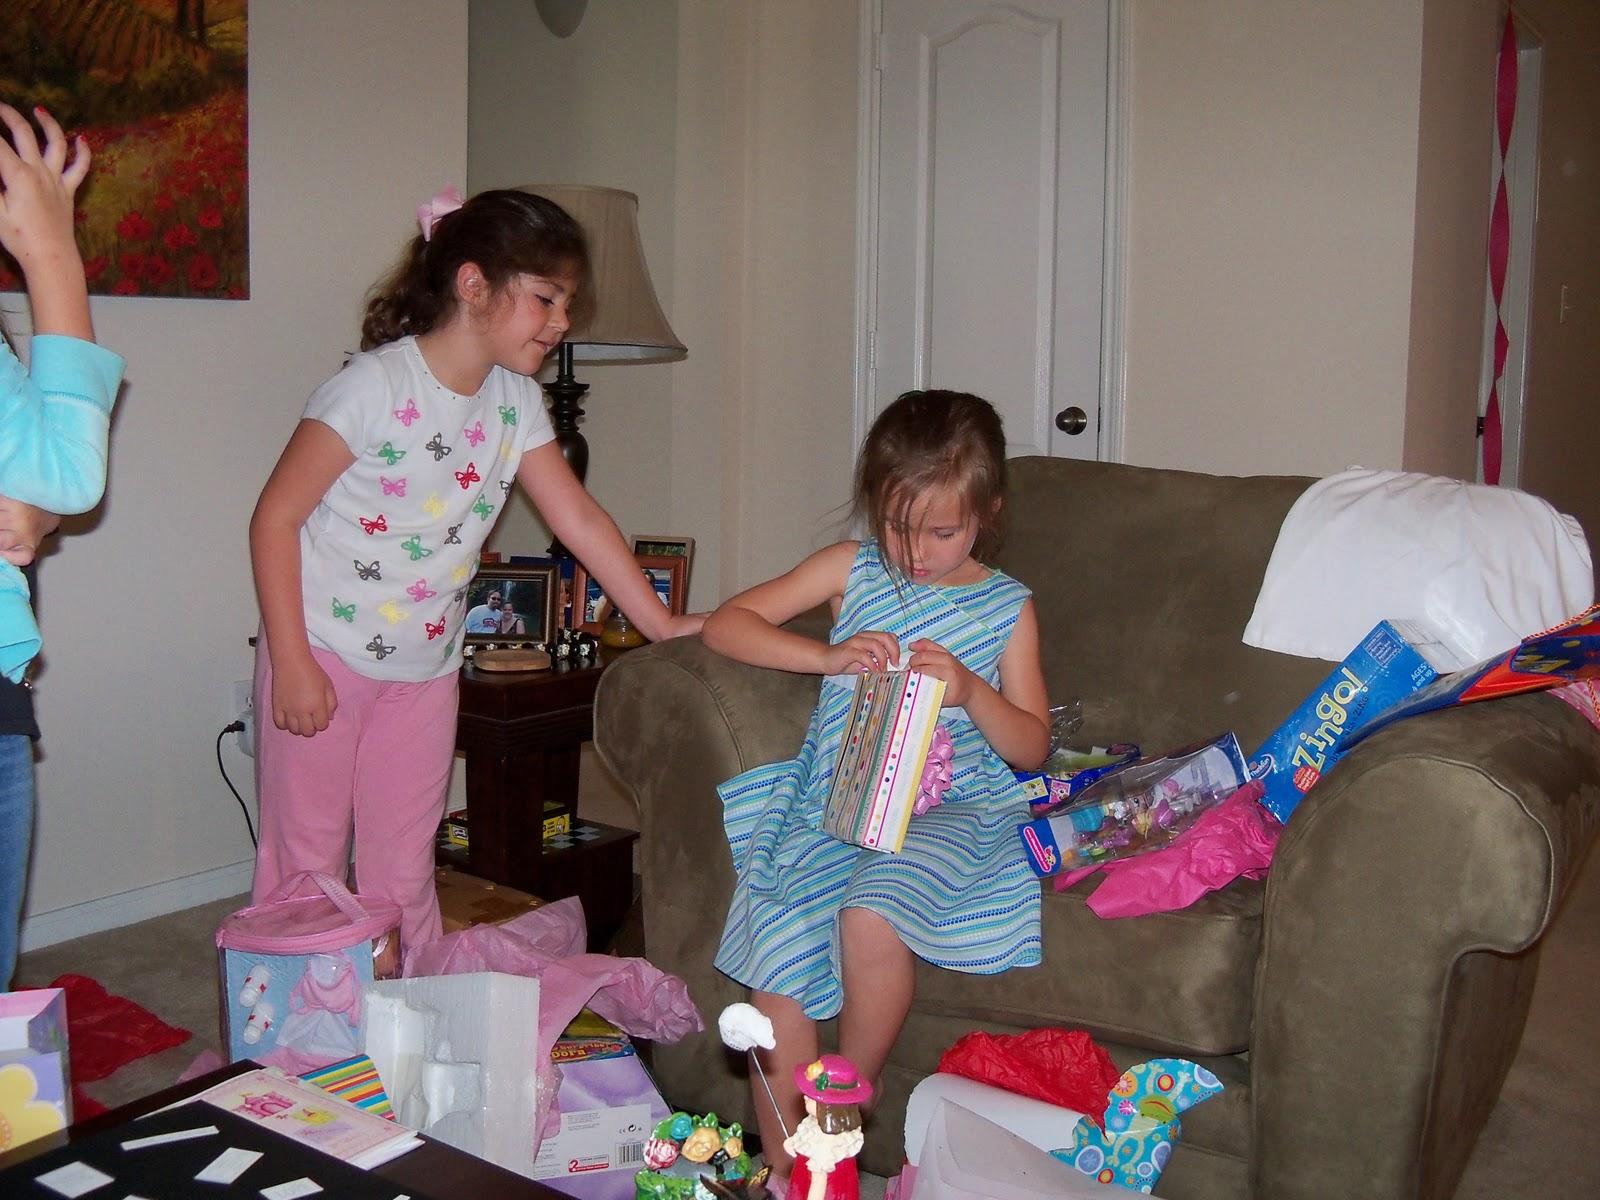 Corinas Birthday Party 2010 - 101_0777.JPG